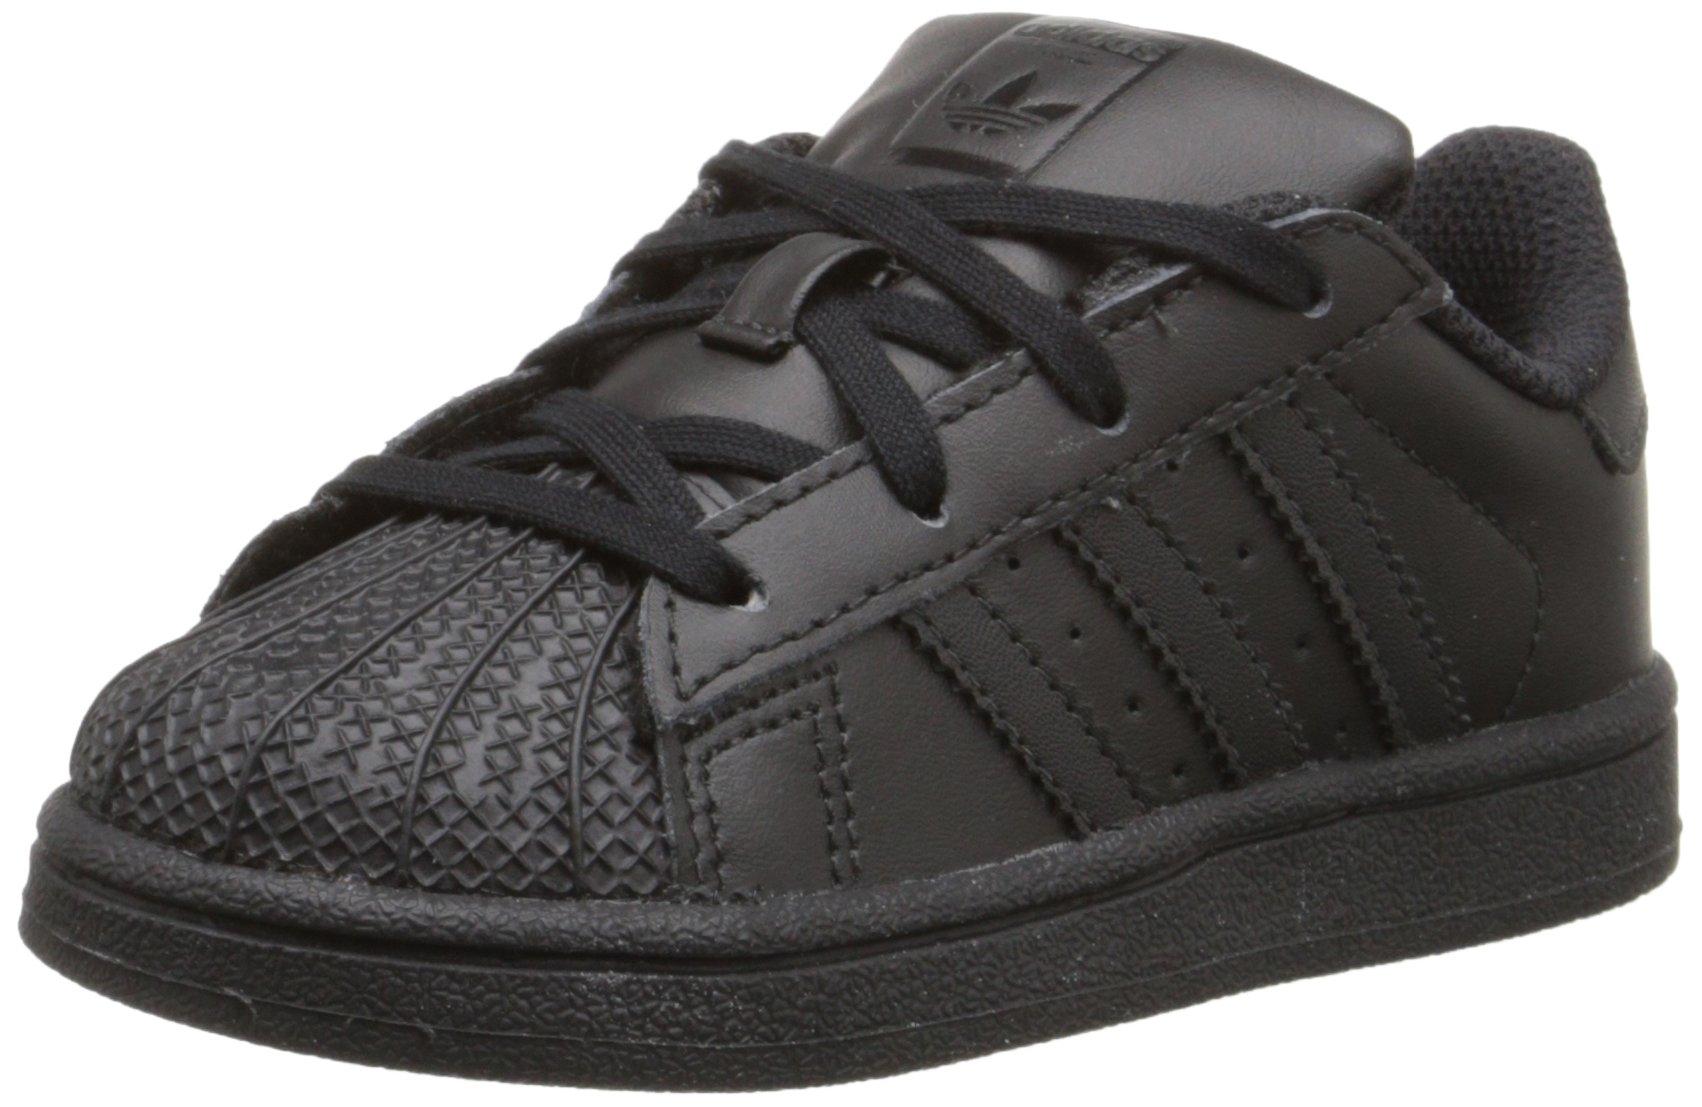 adidas Originals Superstar I Basketball Fashion Sneaker (Infant/Toddler),Black/Black/Black,10 M US Toddler